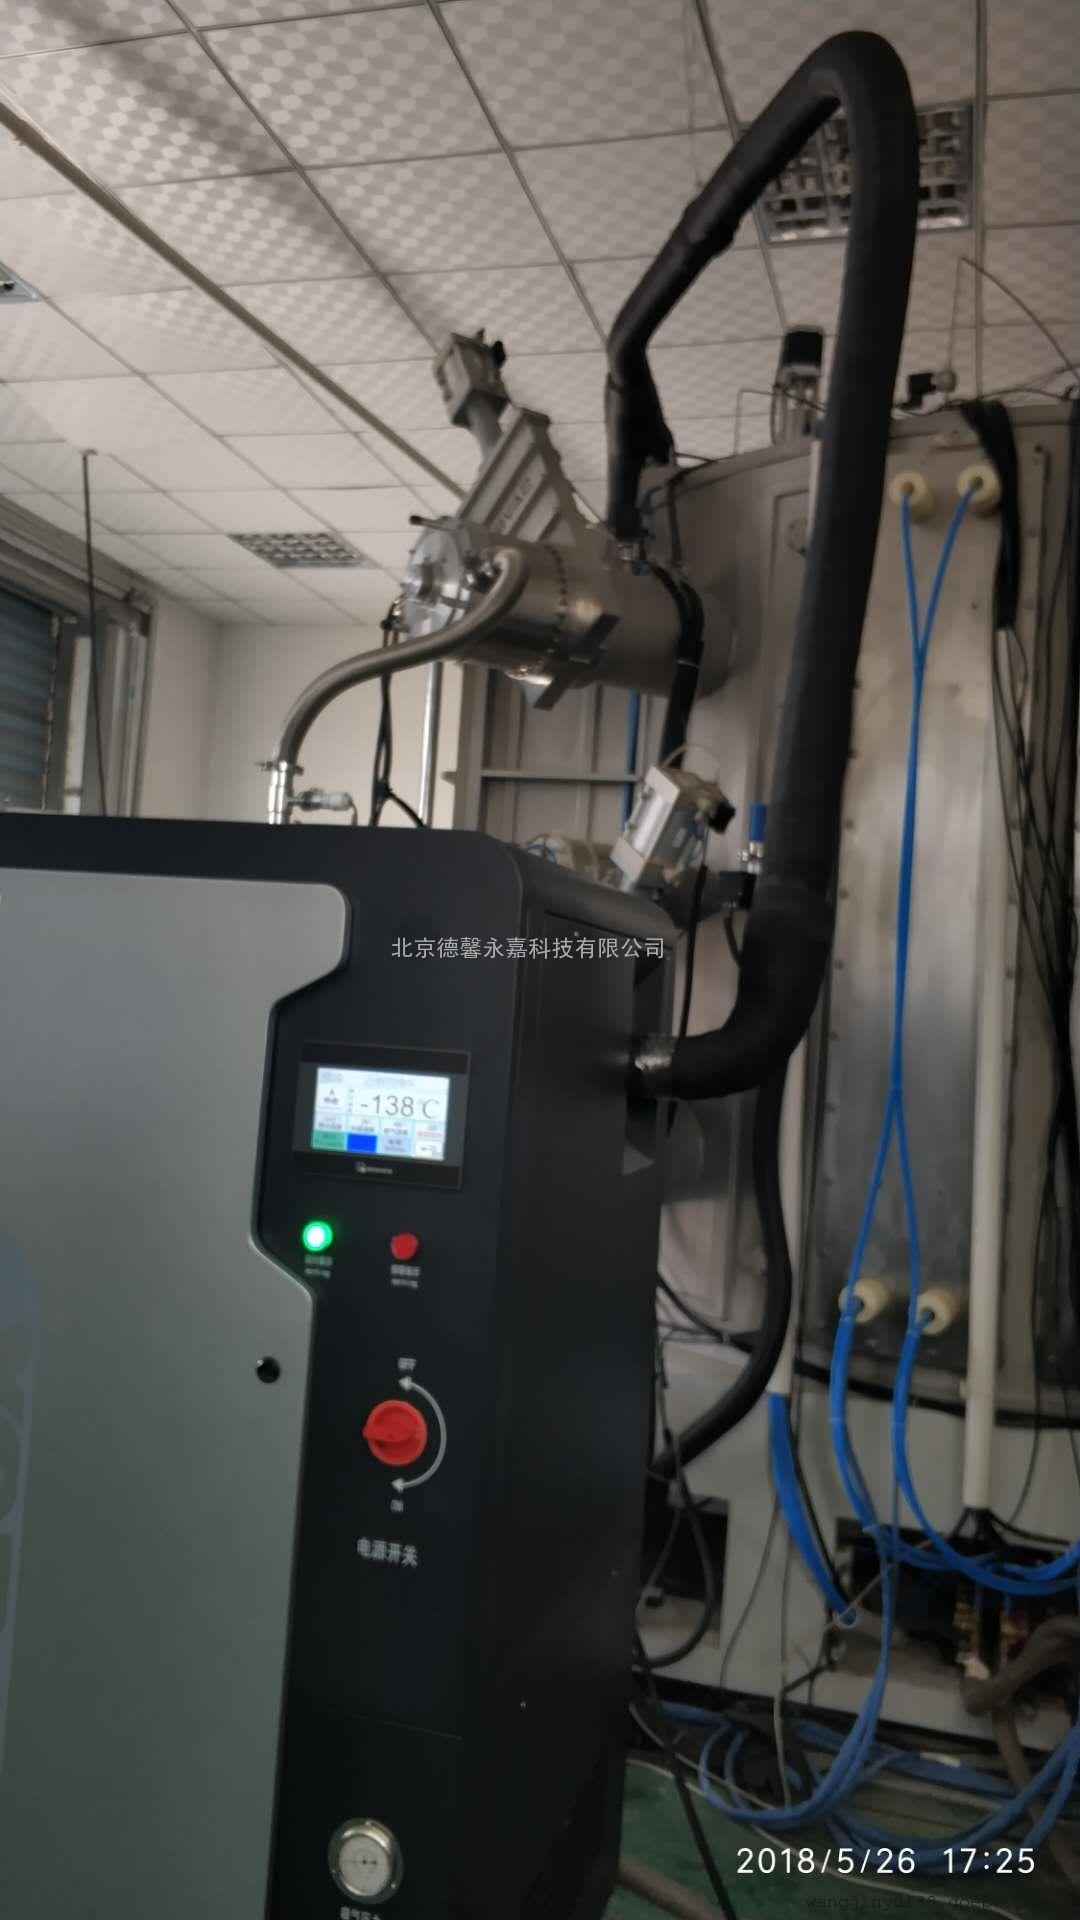 美国Polycold真空镀膜系统替代液氮技术超低温水汽捕集泵